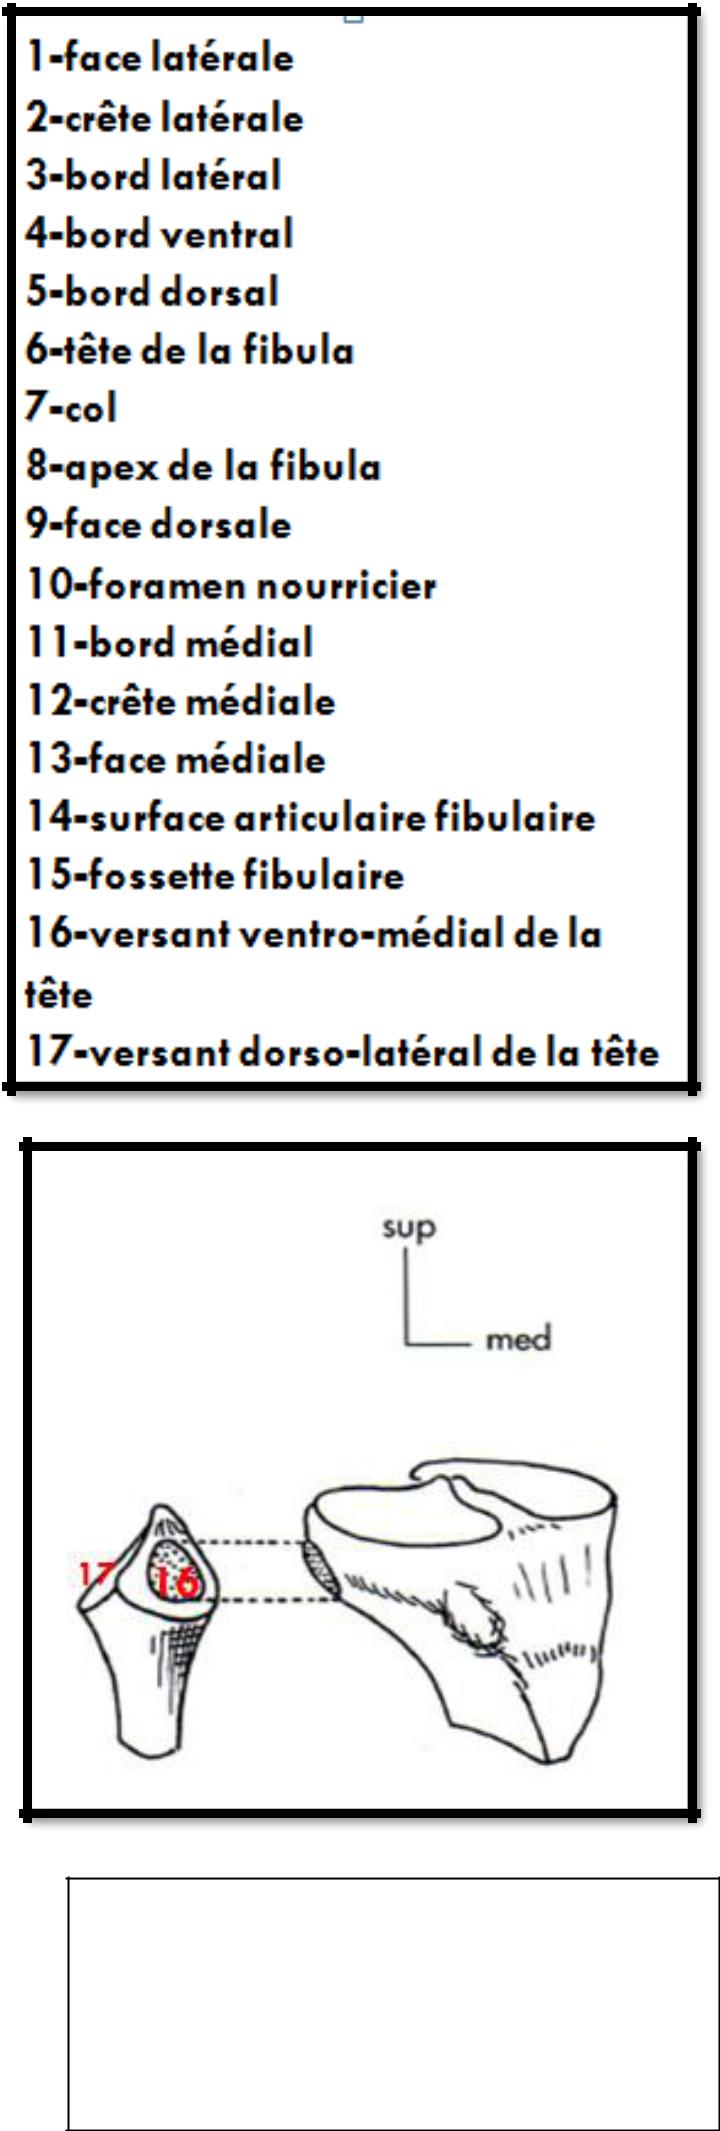 Cours-gratuit-word image 115